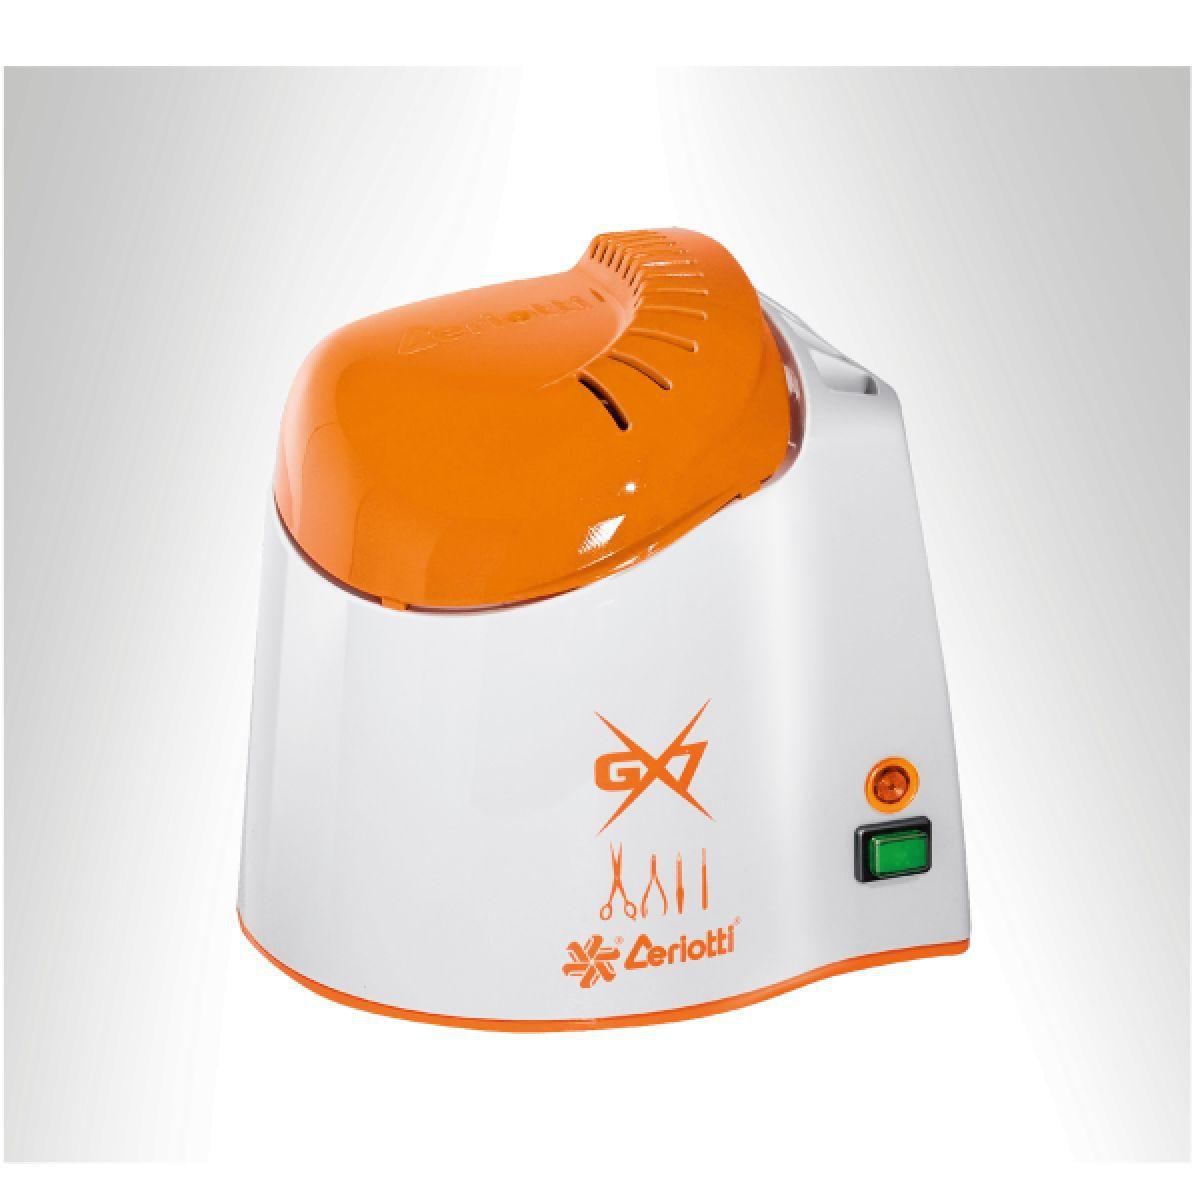 Ceriotti GX 7 - tepelný sterilizátor s kremičitými guličkami, teplota 250 ºC